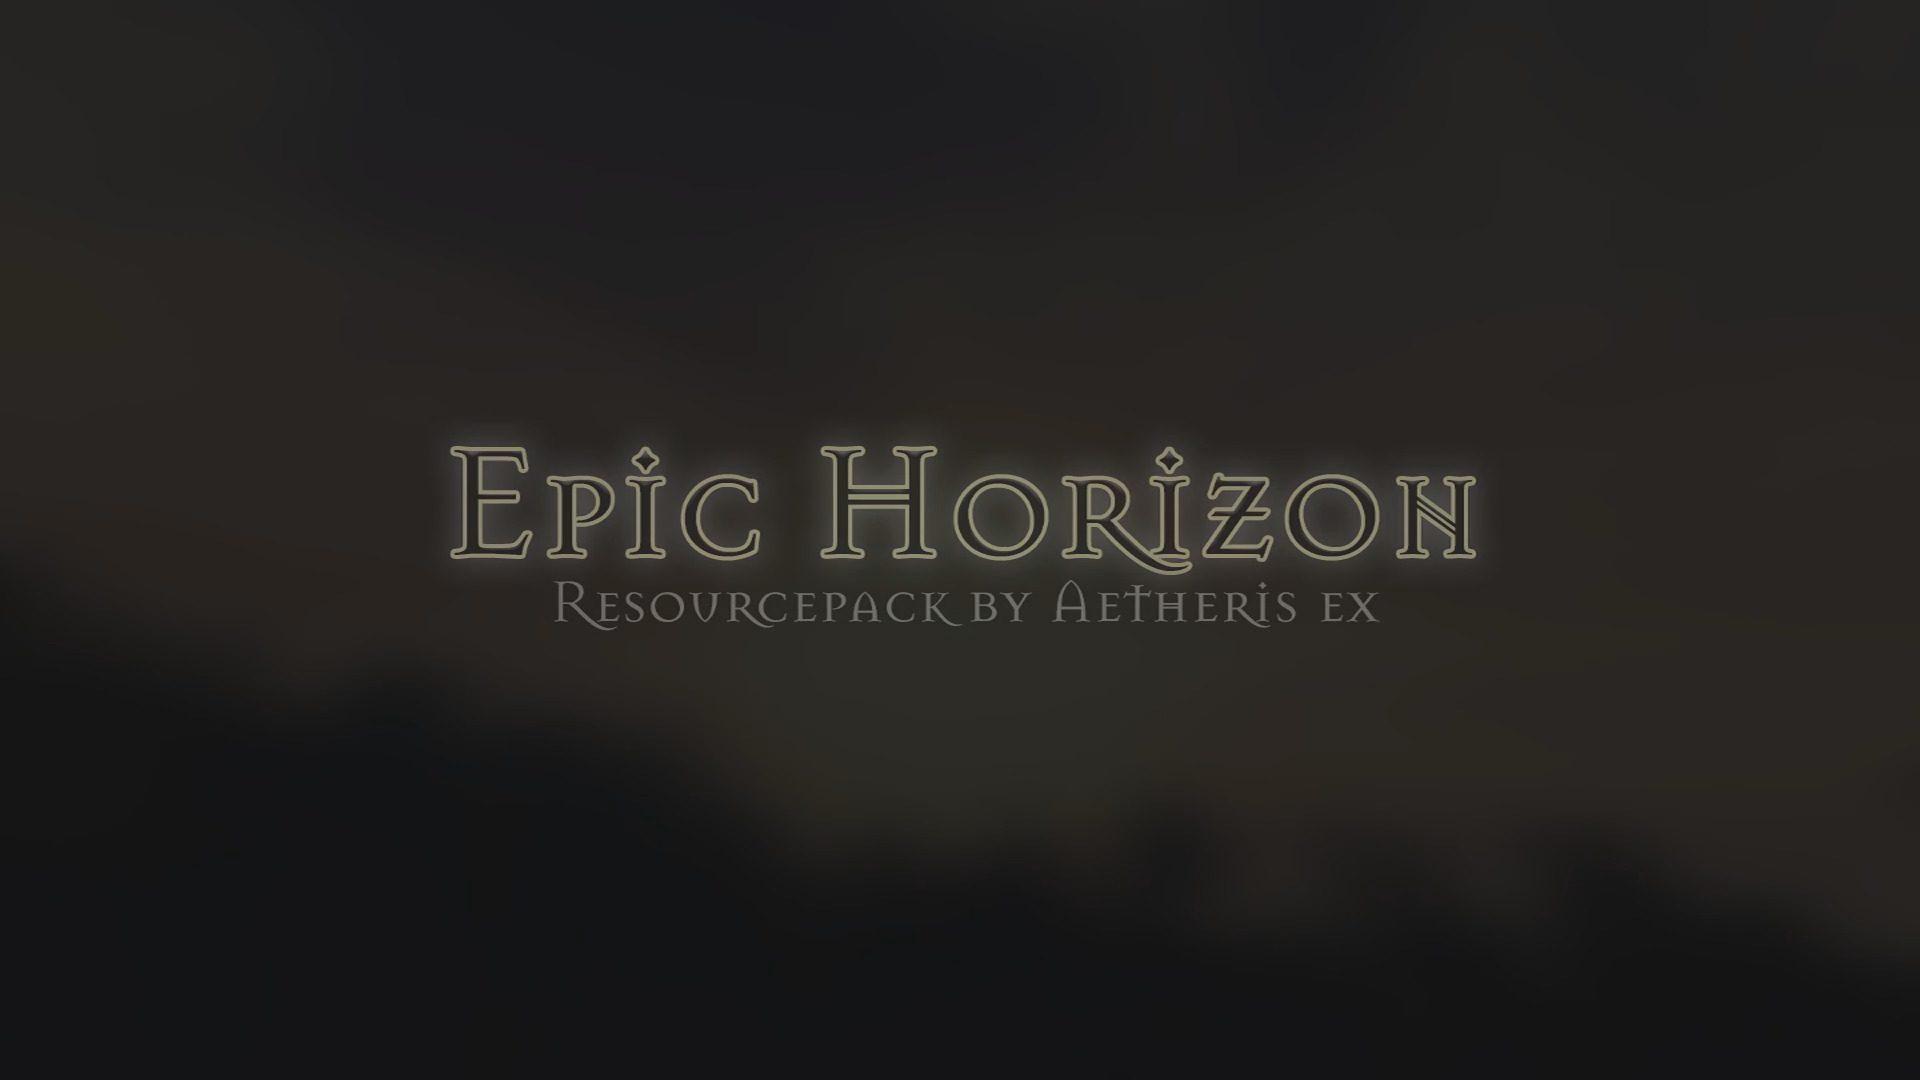 Epic Horizon Resource Pack